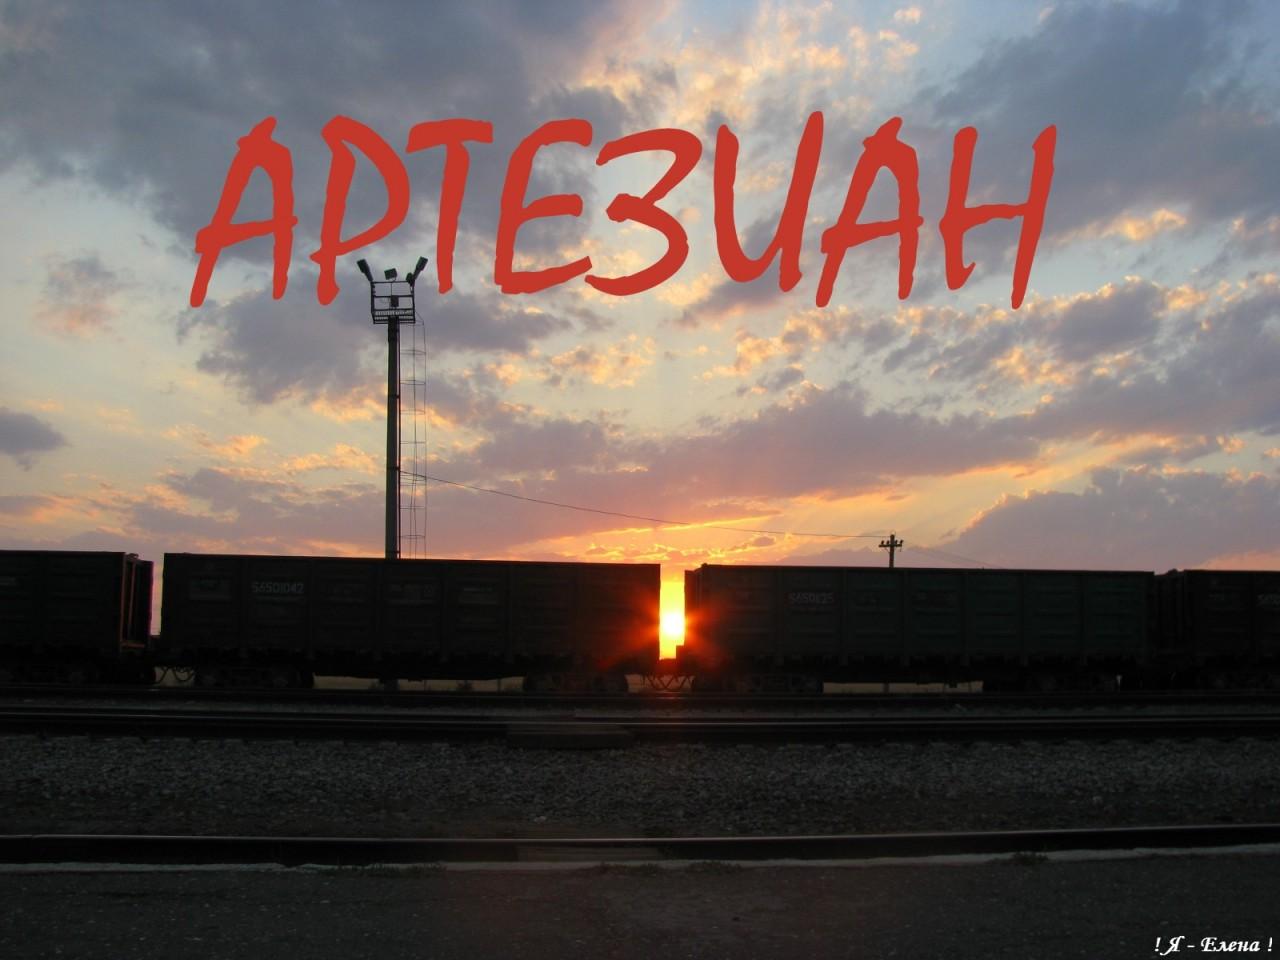 Путешествие, длиною в жизнь - 4 : Артезиан